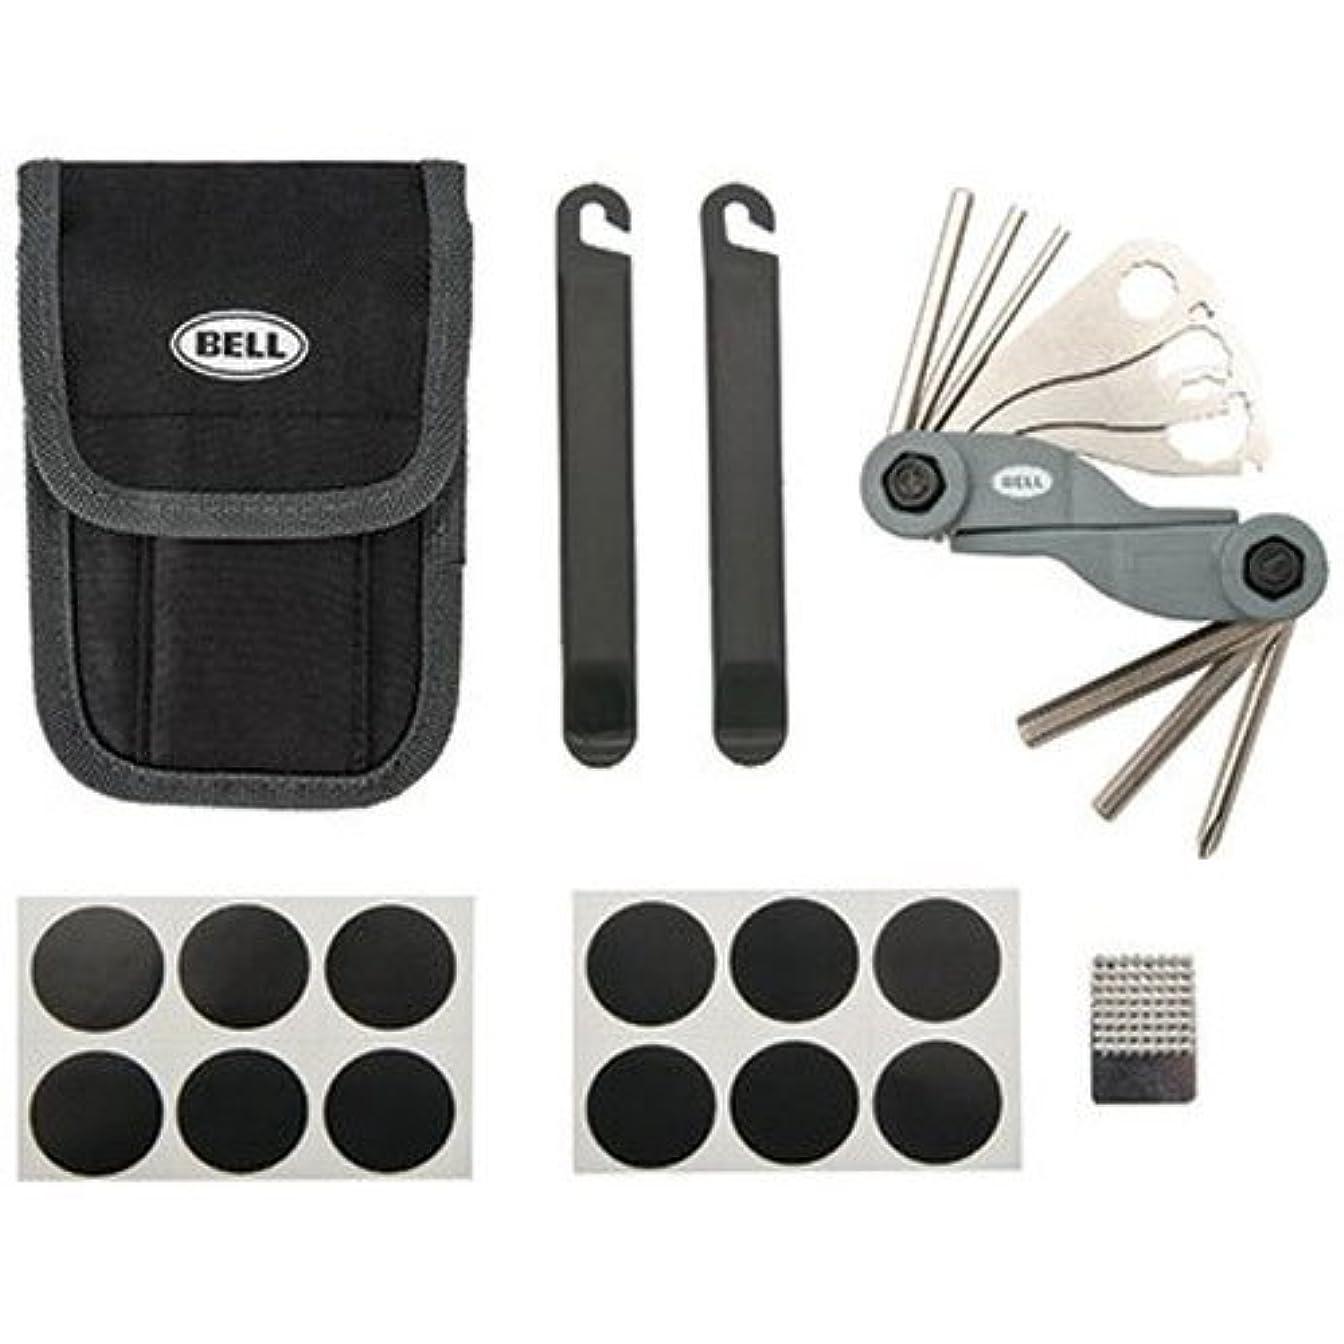 リマークトラフ曖昧なBike Tool & Patch Kit by Bell Sports